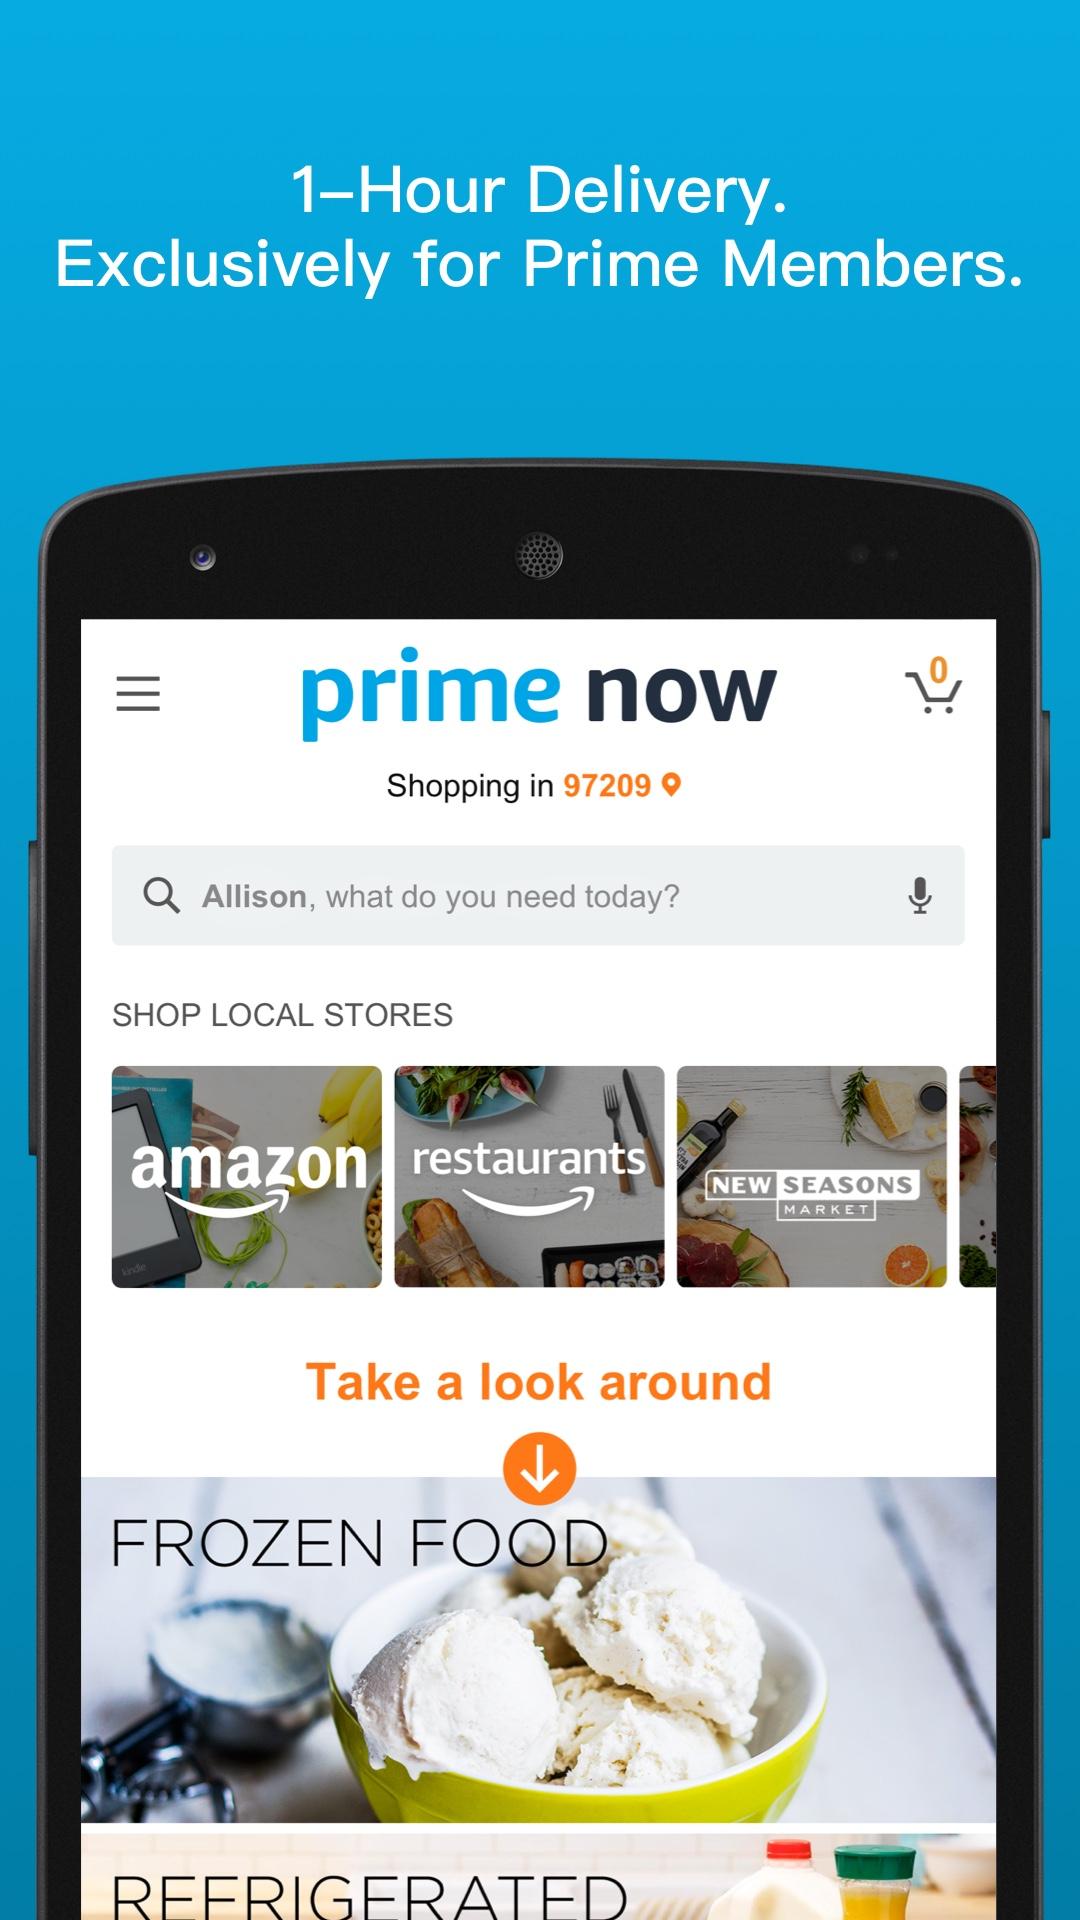 Amazon Prime Now Img 1 Zoom